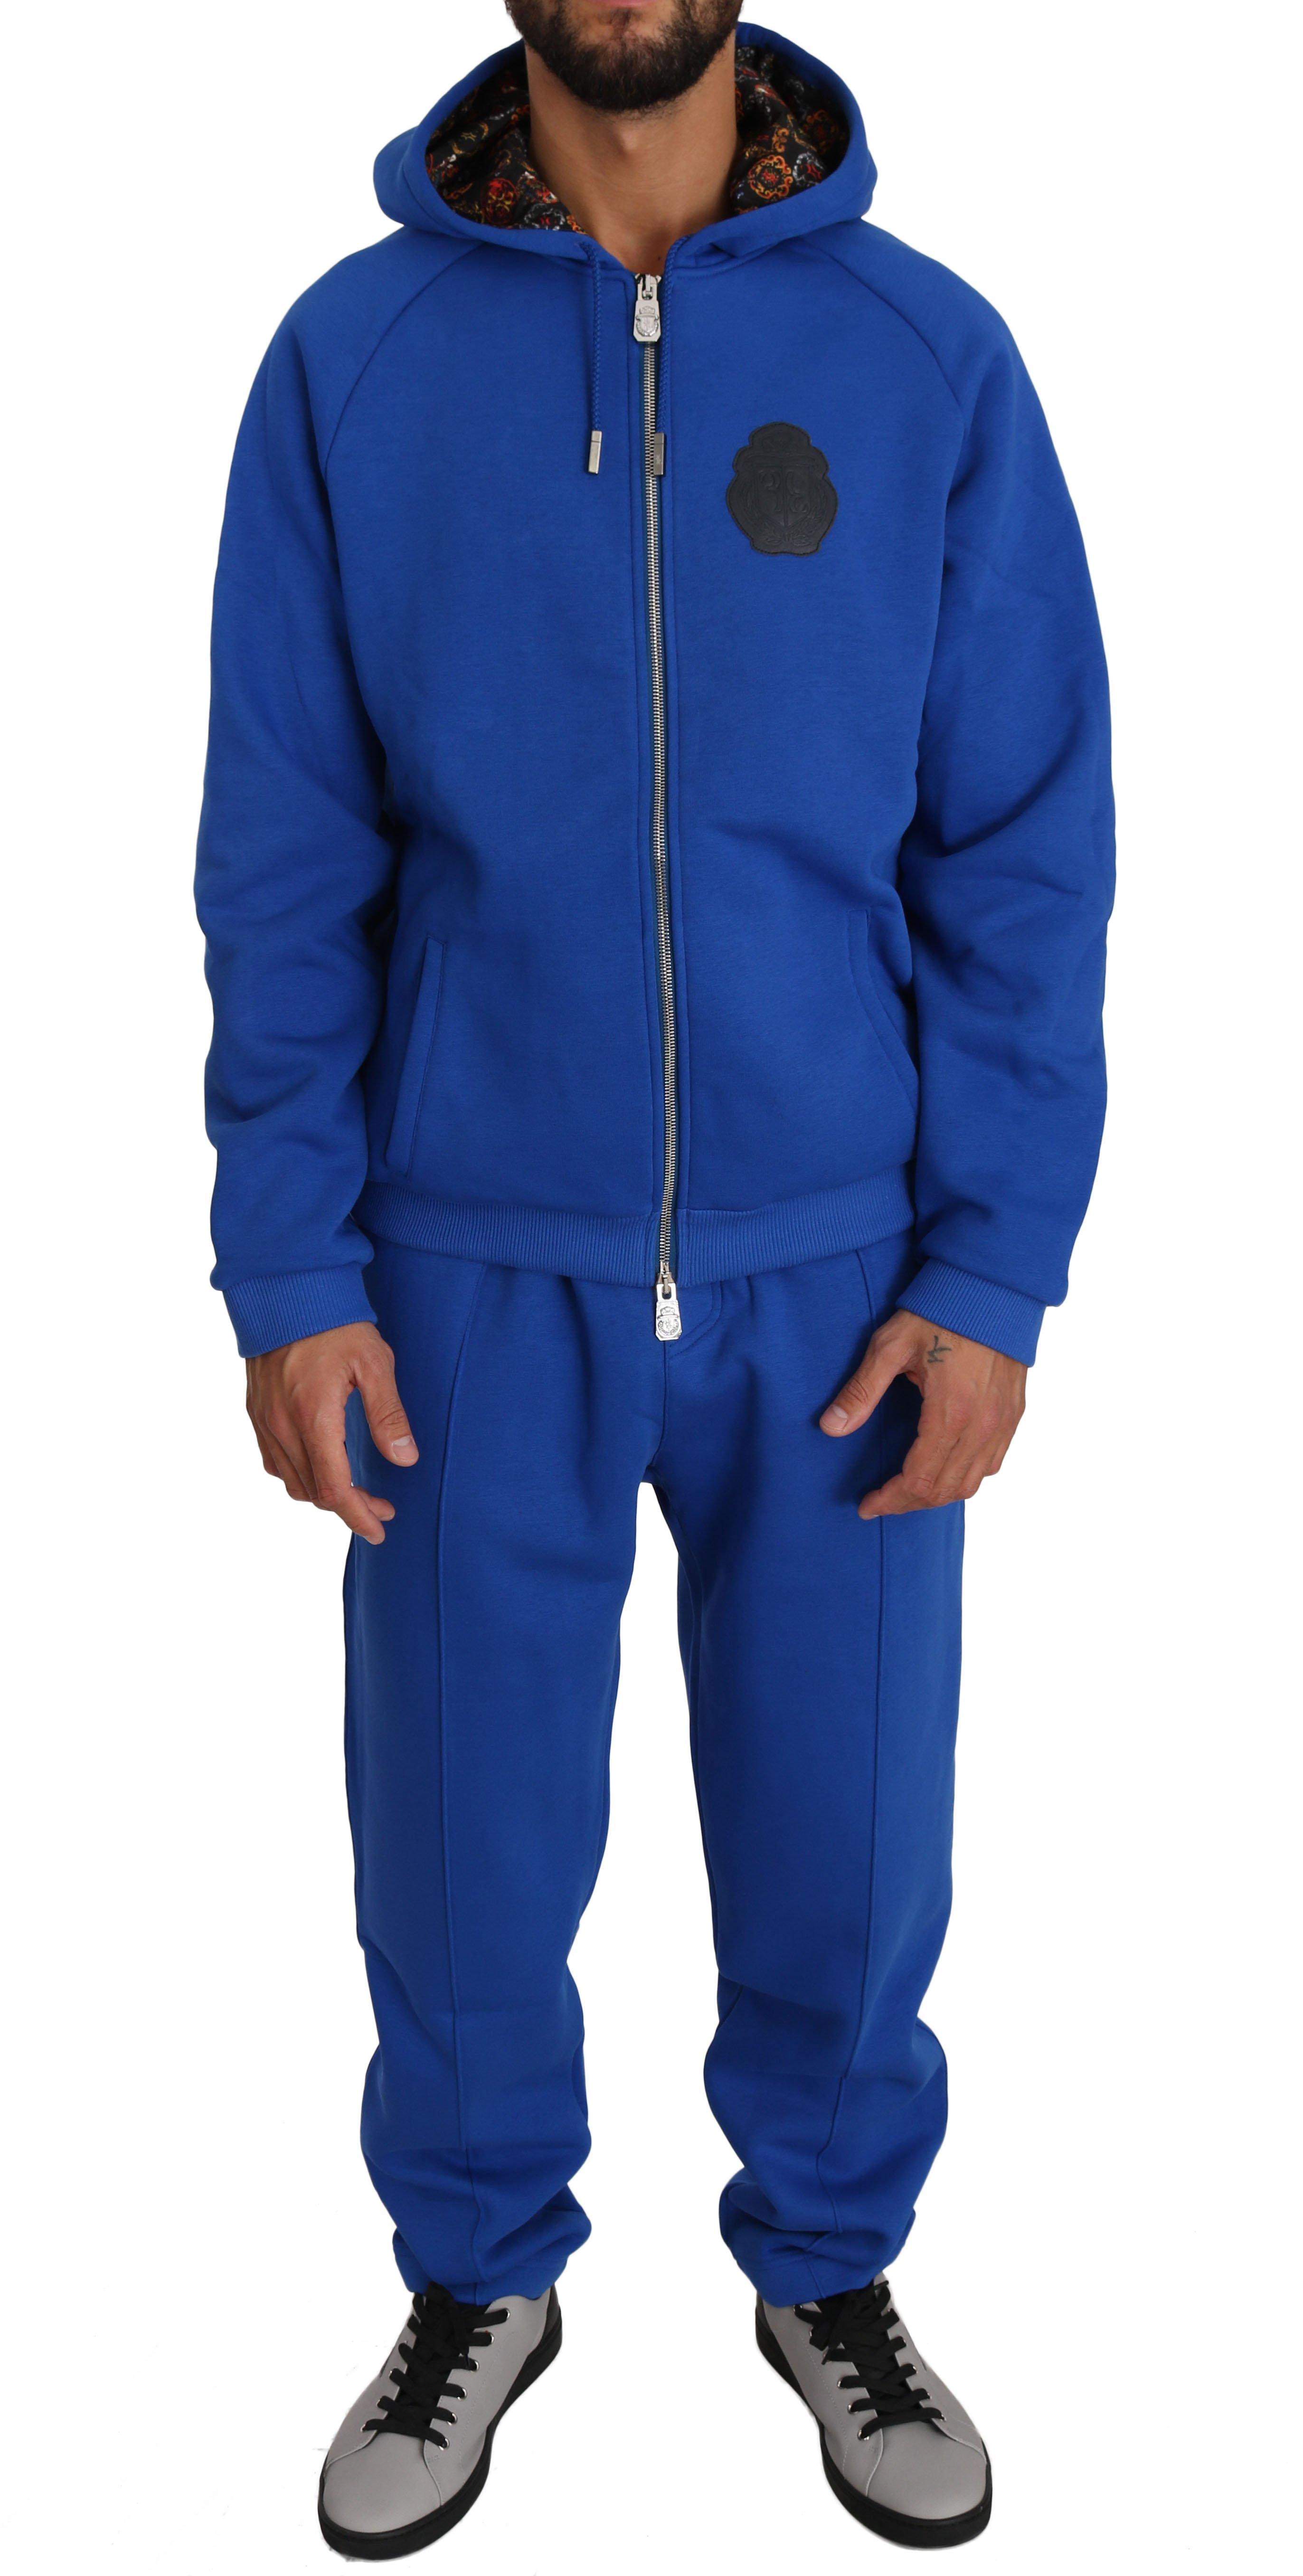 Billionaire Italian Couture Men's Tracksuit Blue BIL1025 - 3XL